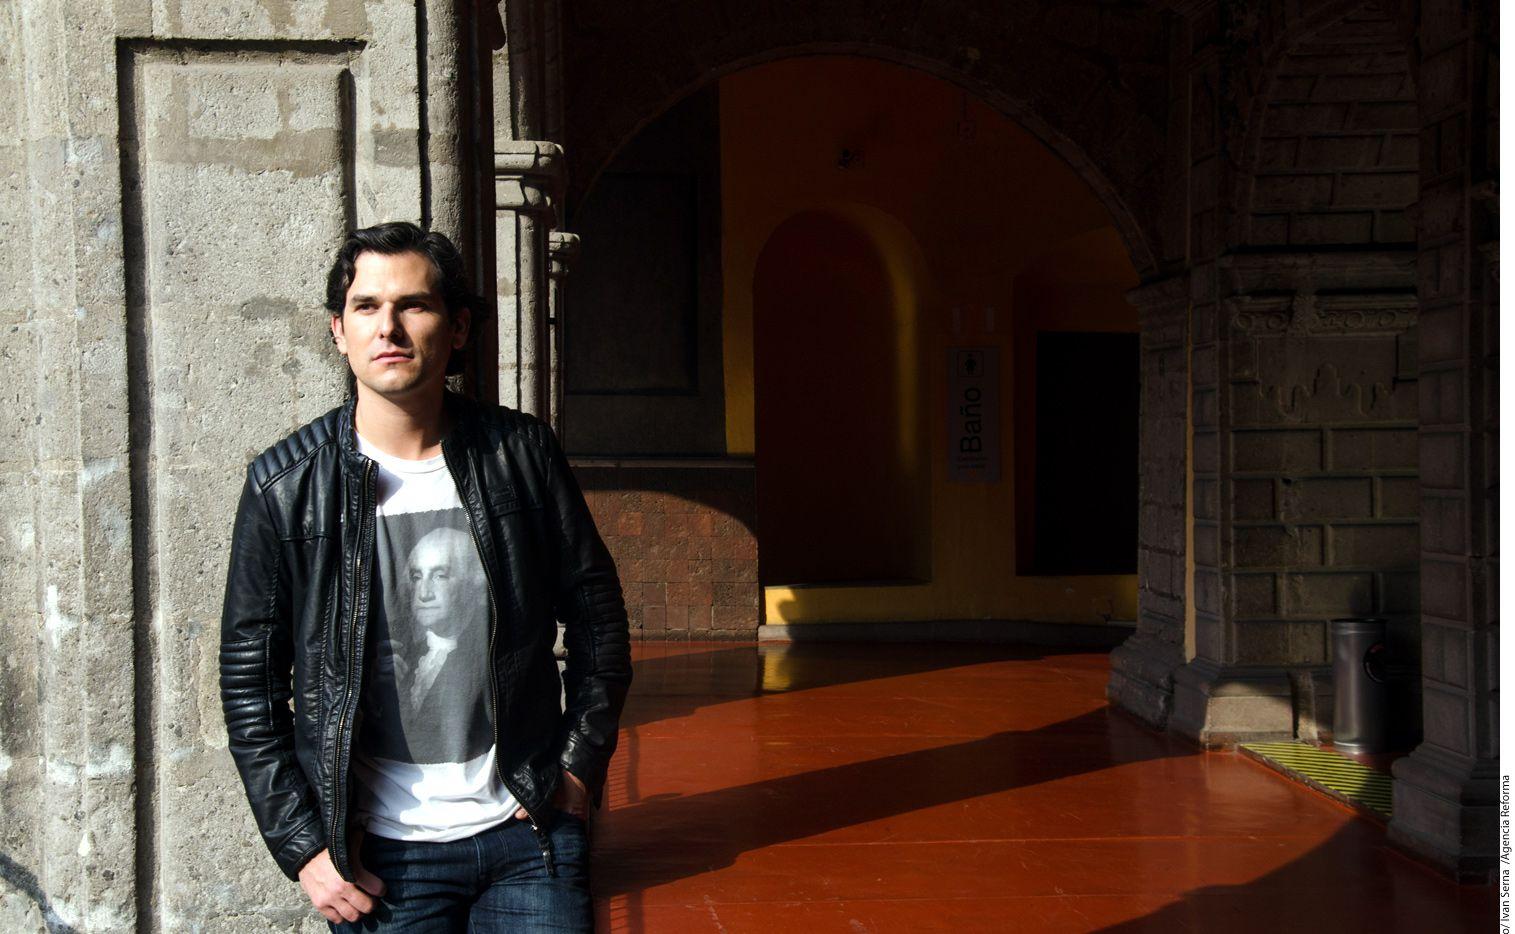 Alan Estrada está enfocado ahora más en su blog de viajes que en la actuación, lo que lo hace muy feliz./AGENCIA REFORMA